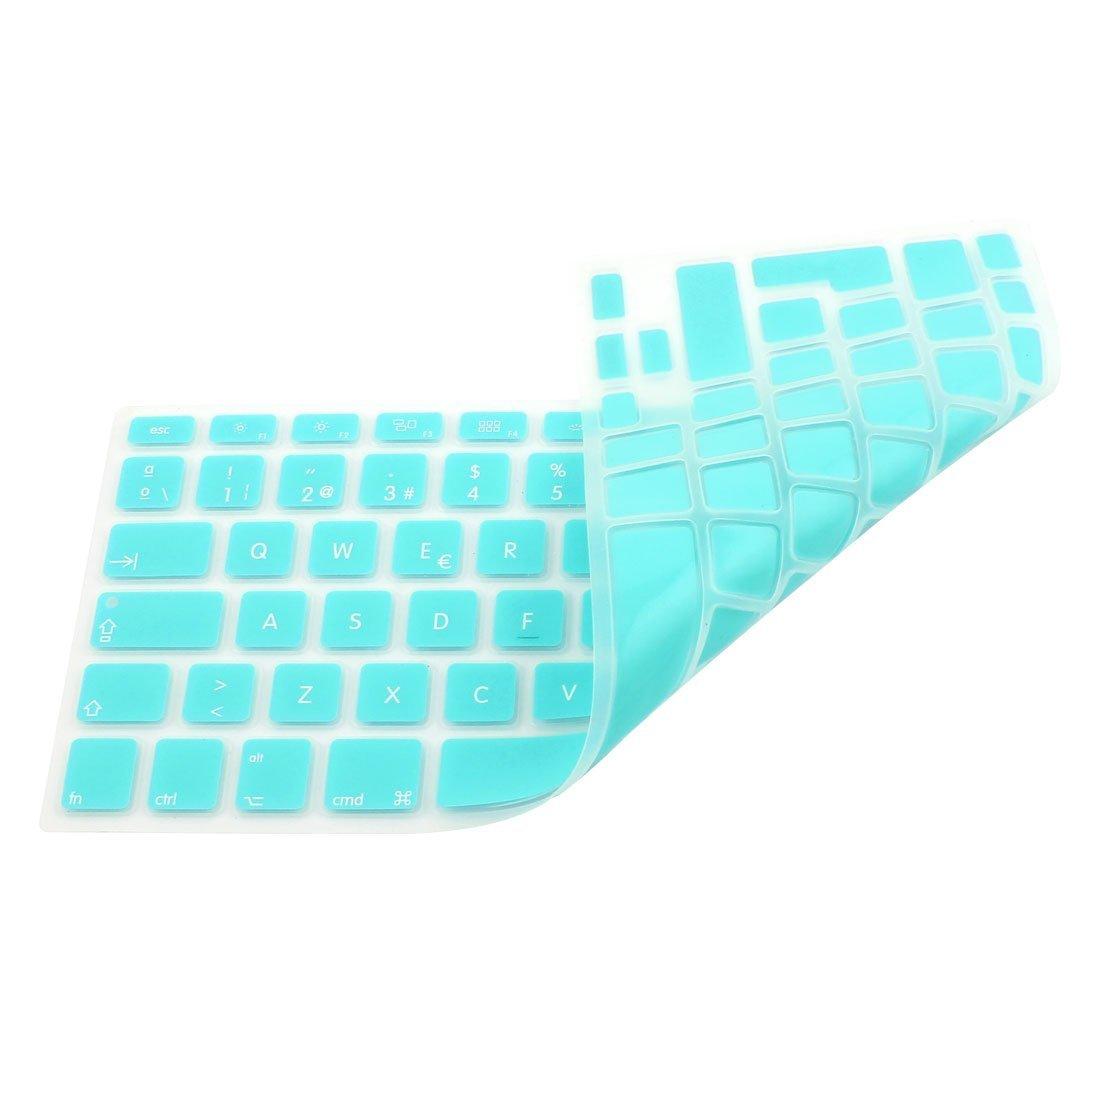 Amazon.com: eDealMax la piel del teclado español cubierta Azul claro de la UE Para el MacBook Air DE 17 pulgadas 13 15: Electronics